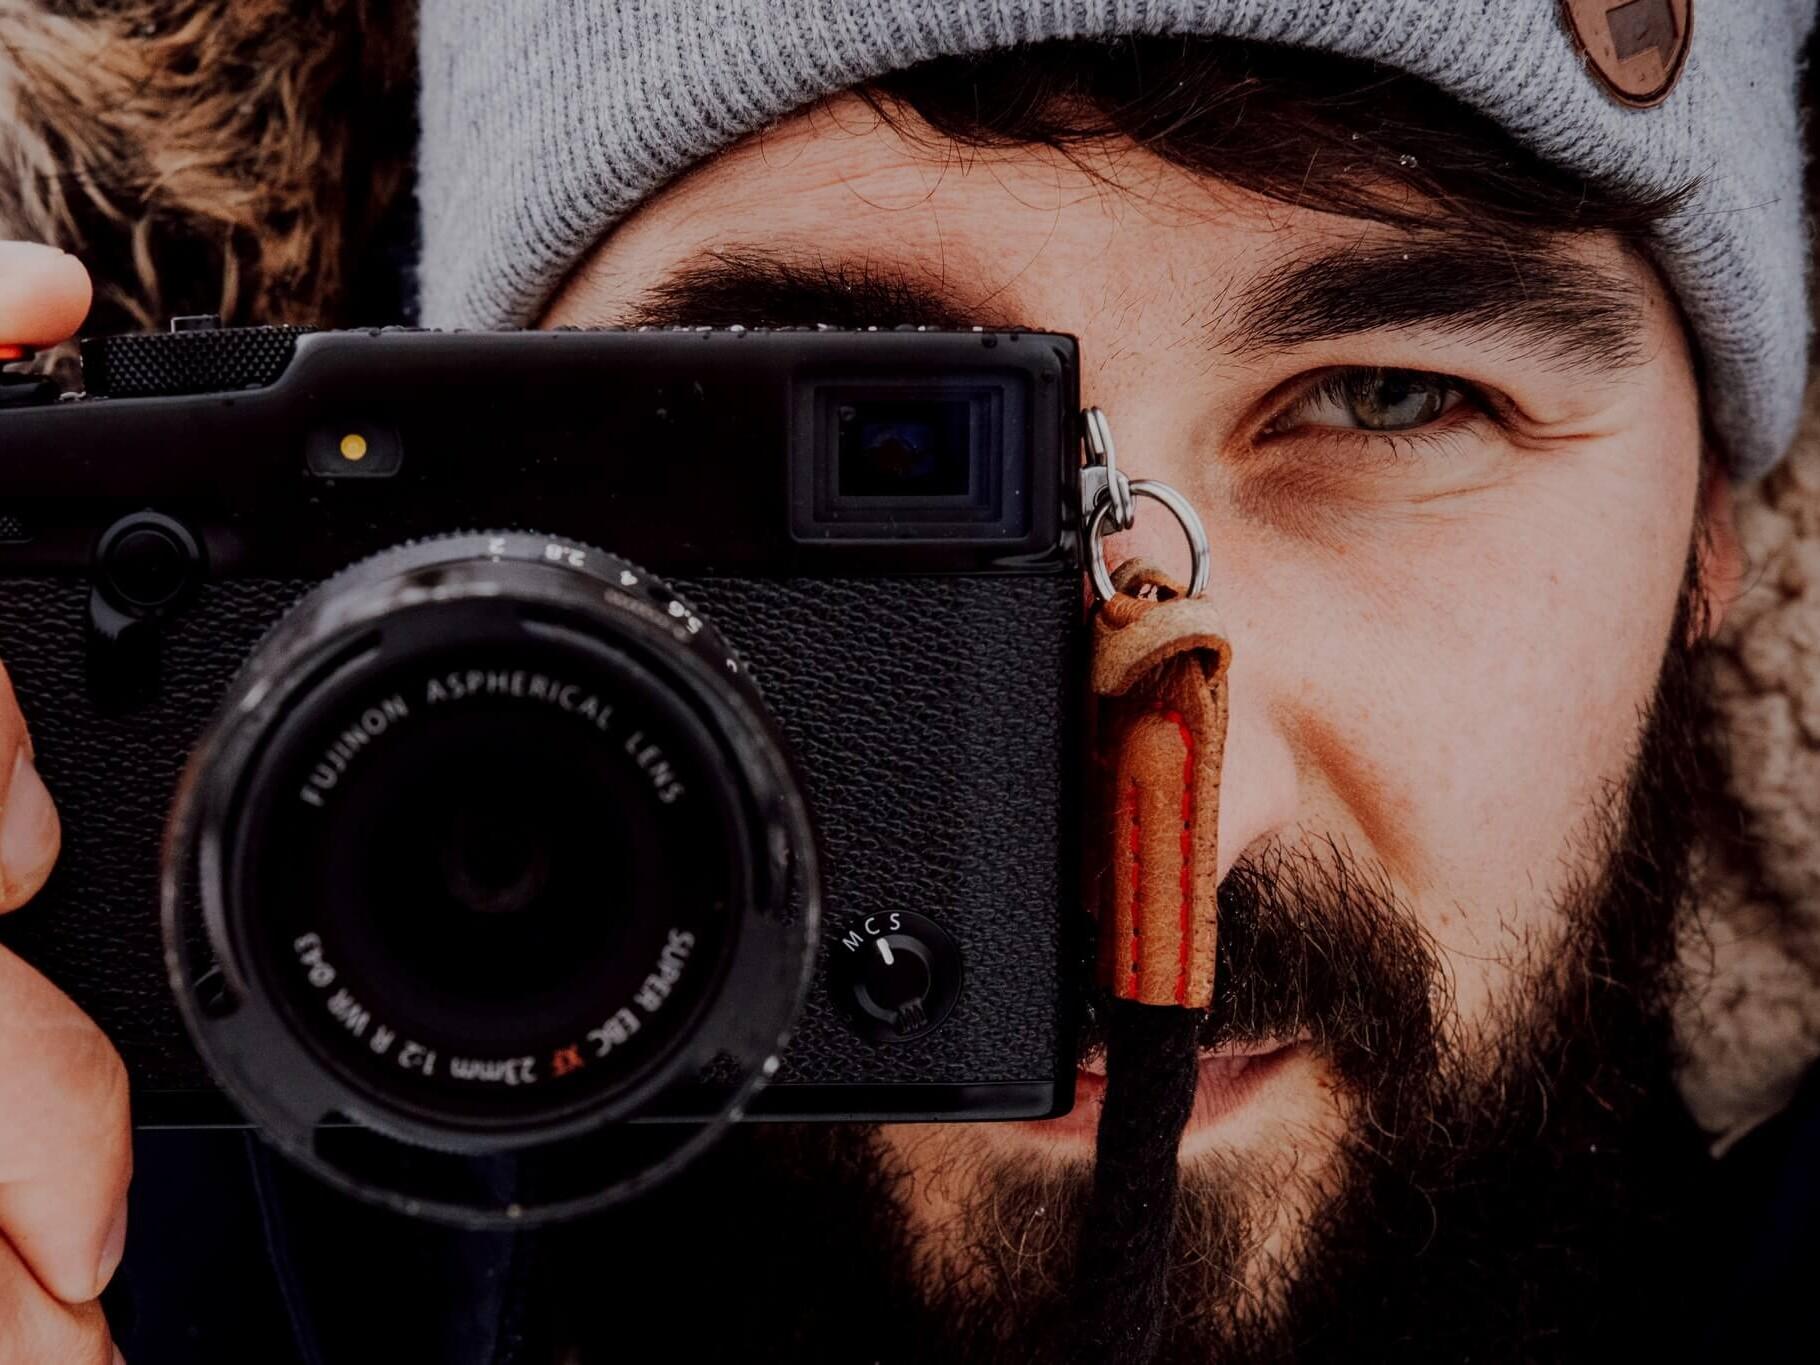 najlepszy fotograf zakopane 09 uai